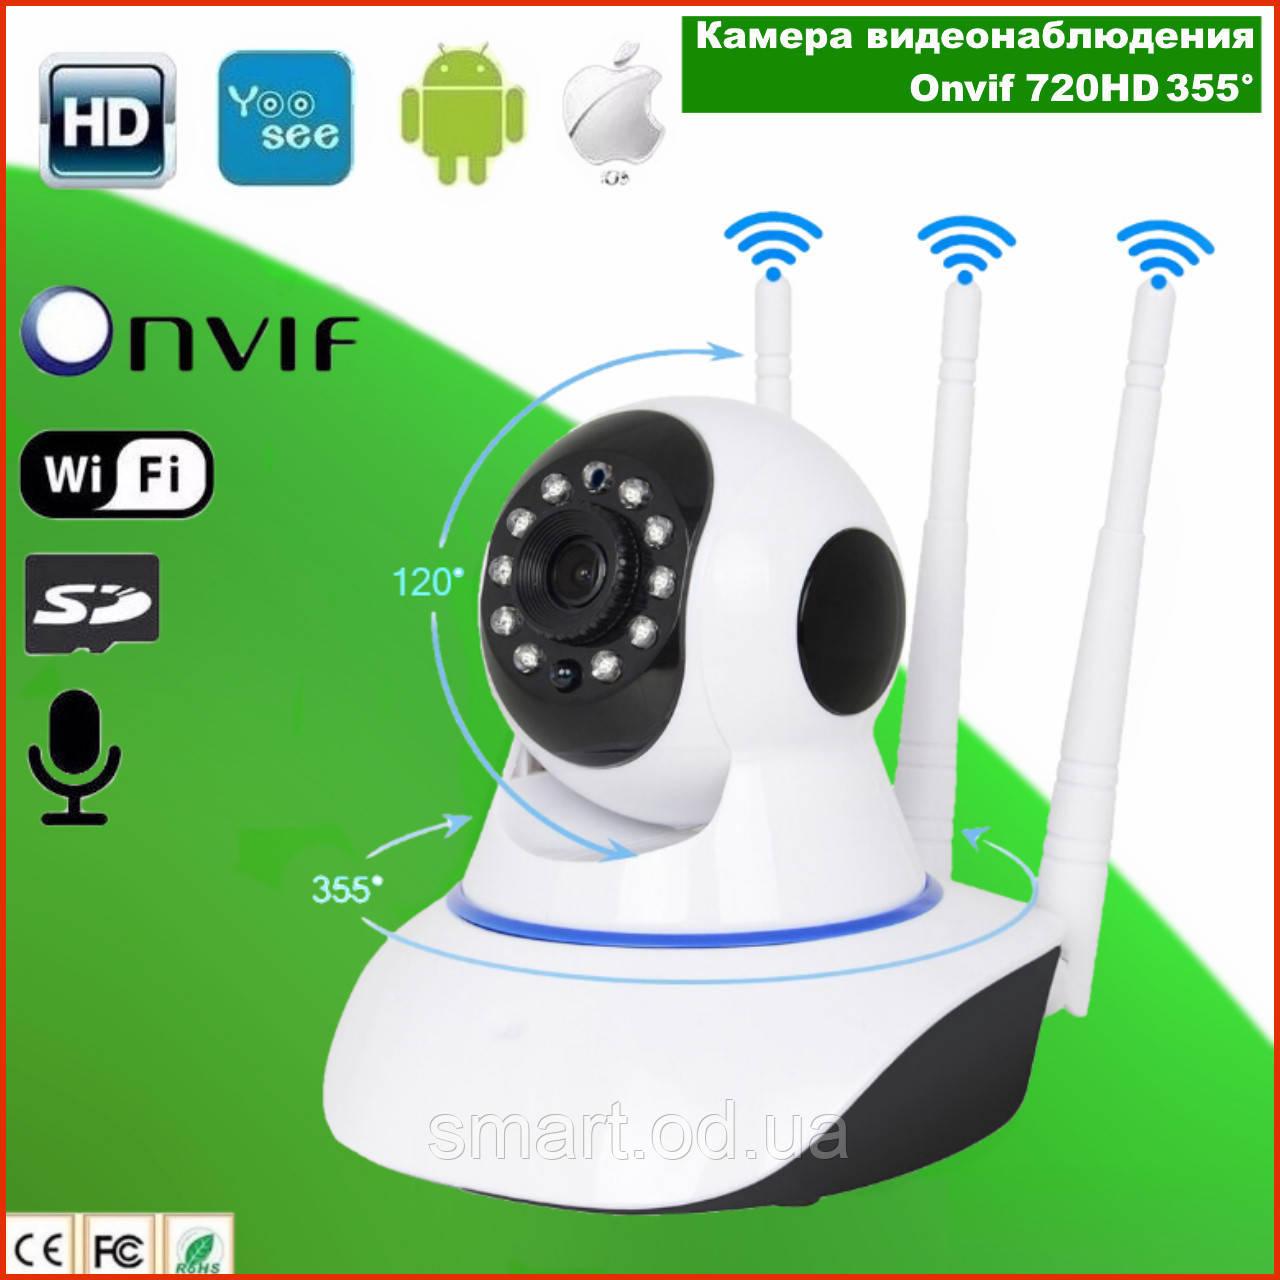 Бездротова поворотна Wi-Fi IP-Камера відеоспостереження Onvif 720HD 355° Відеокамера з мікрофоном на 3 антени